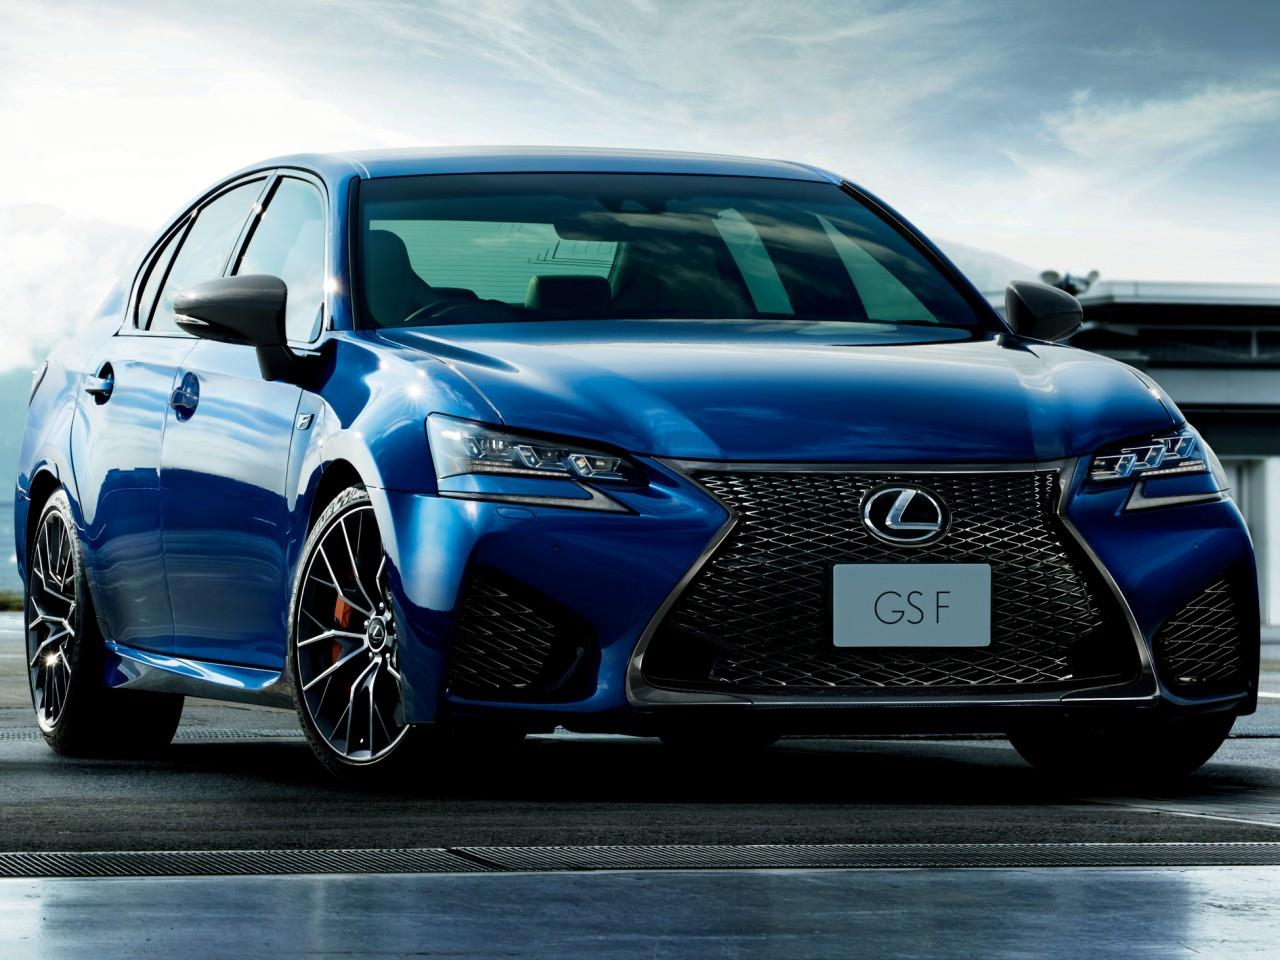 レクサス GS F 2015年モデル 新車画像